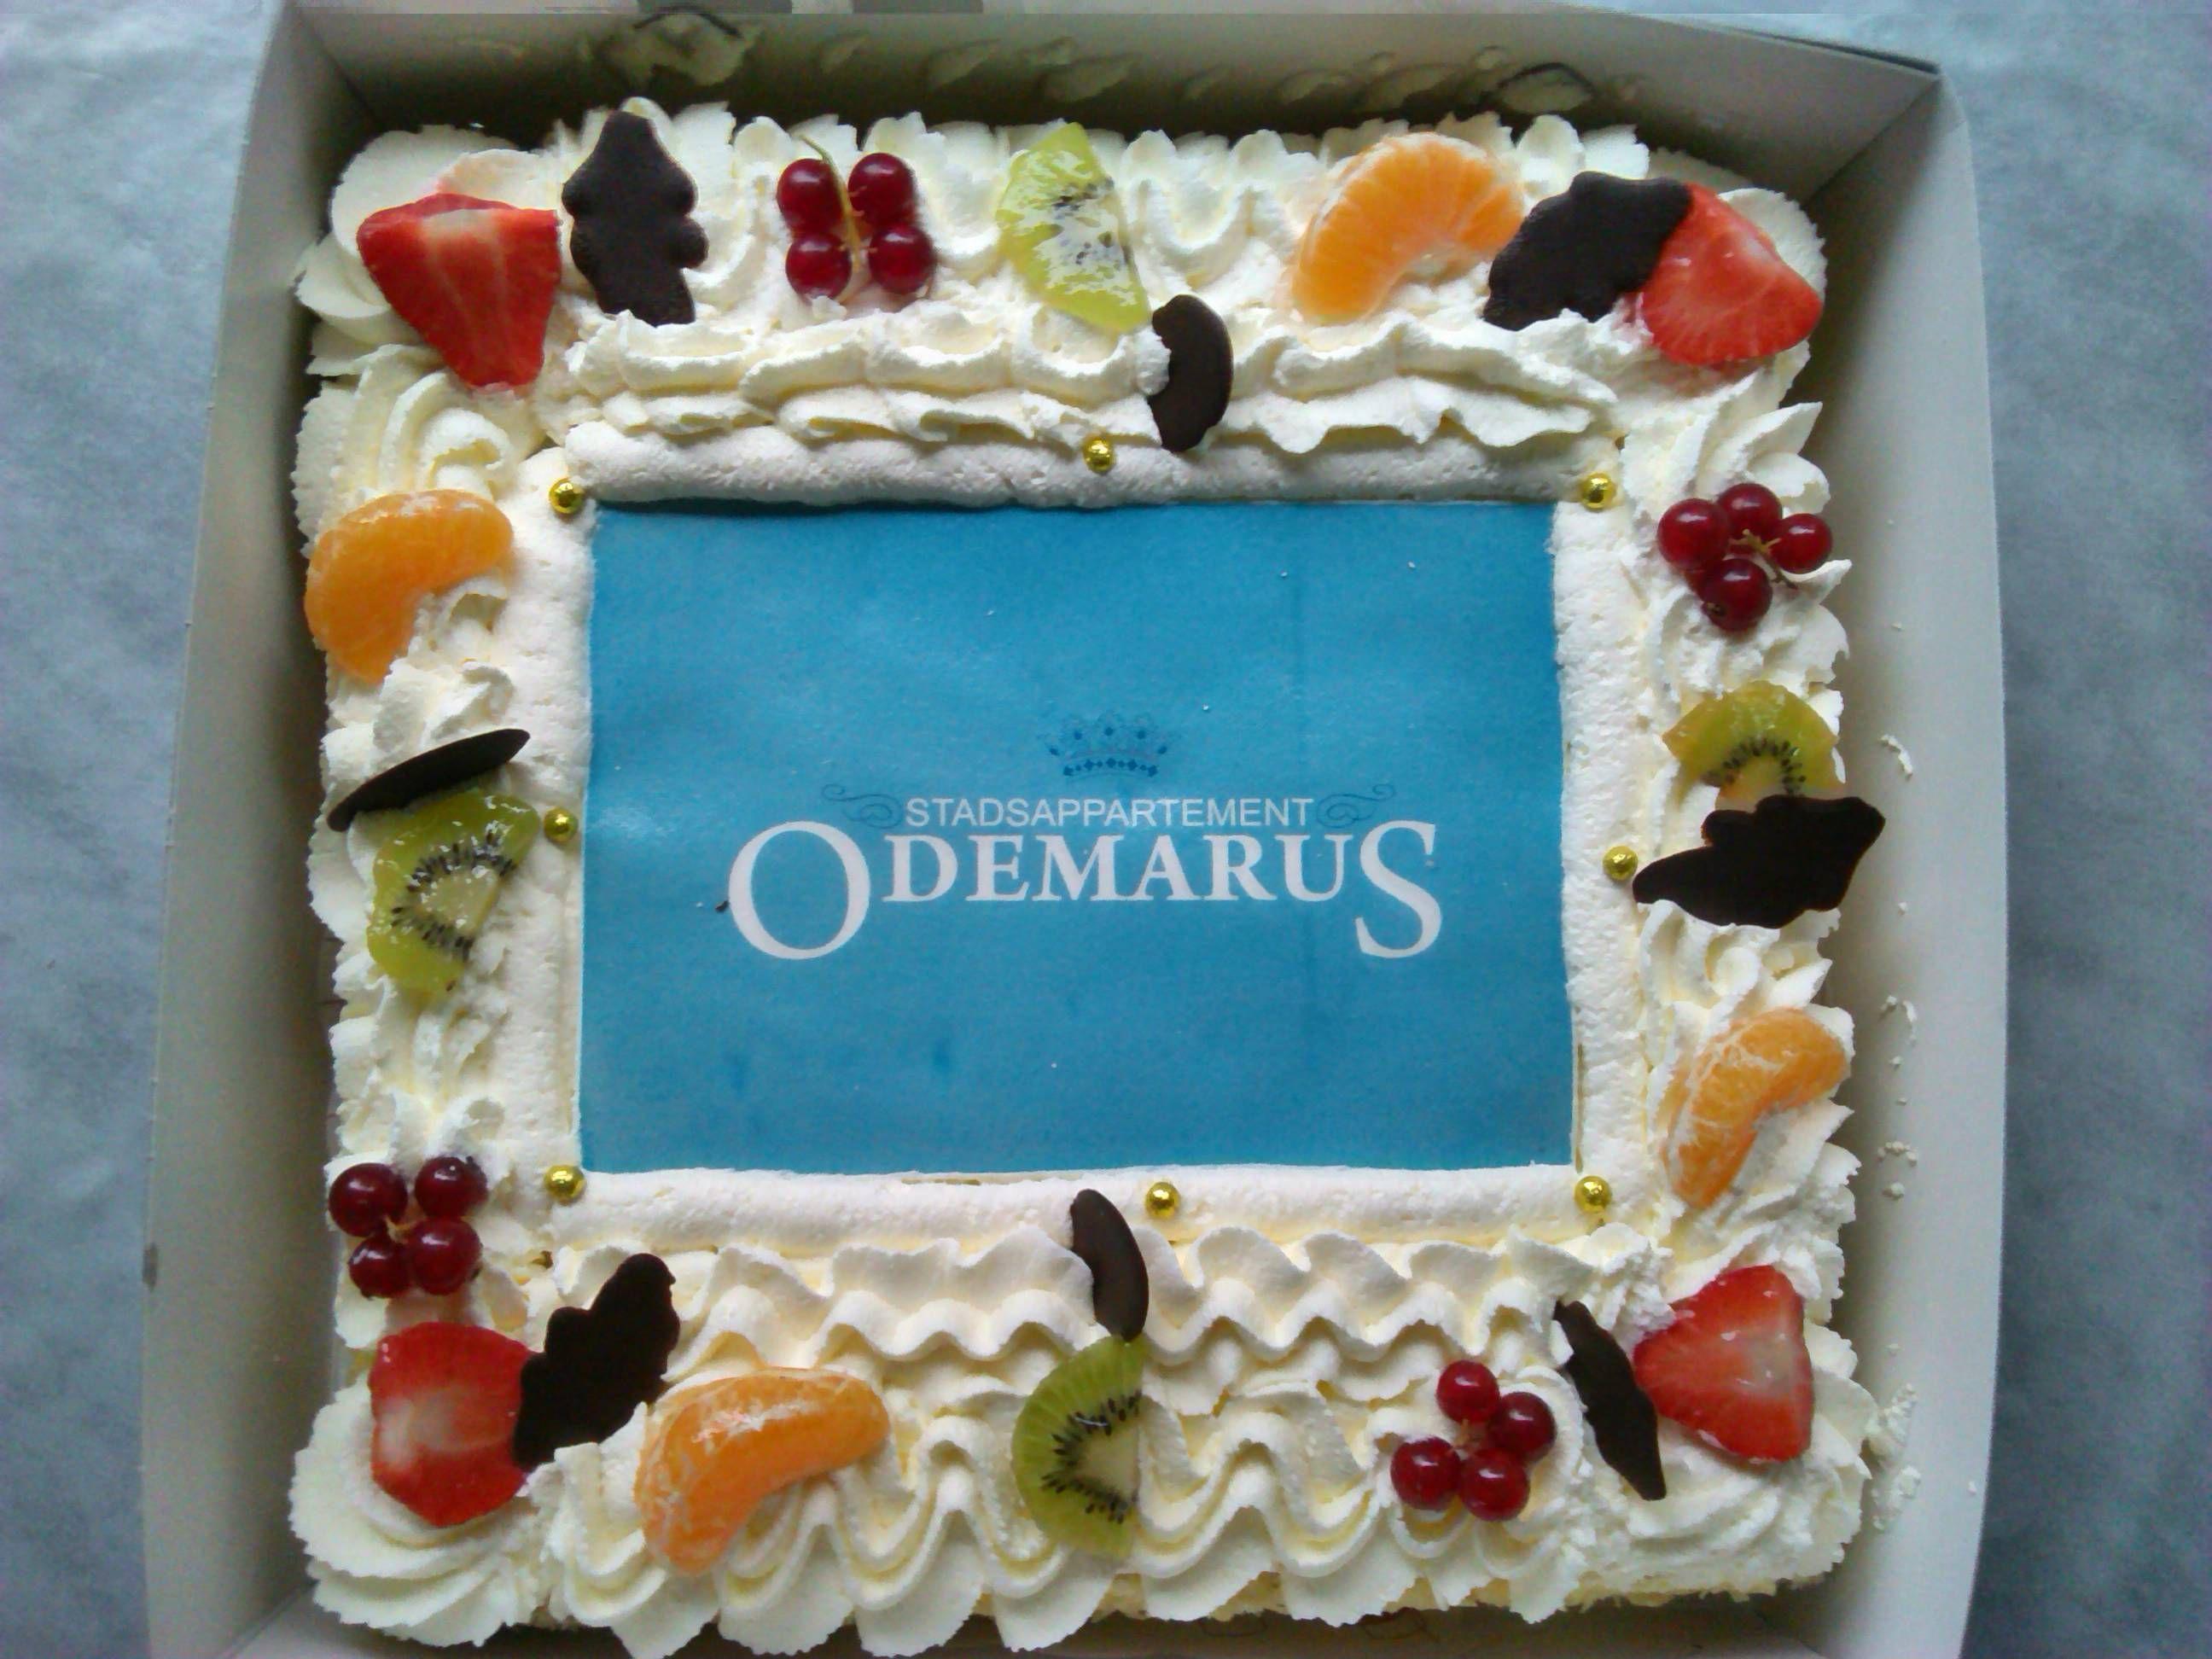 Slagroomtaart met logo Odemarus